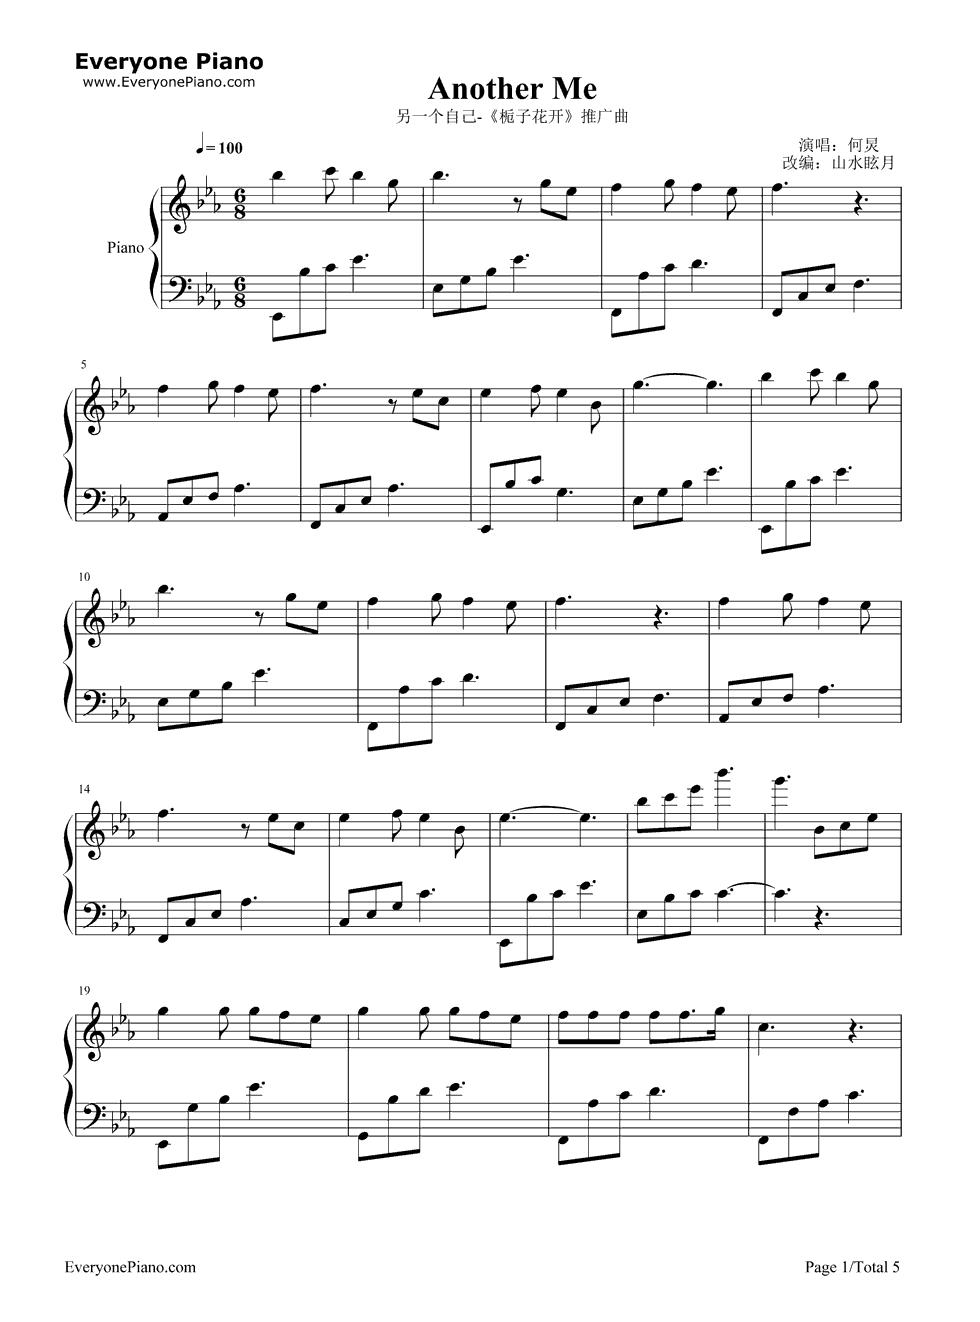 钢琴曲谱 流行 另一个自己-栀子花开推广曲 另一个自己-栀子花开推广